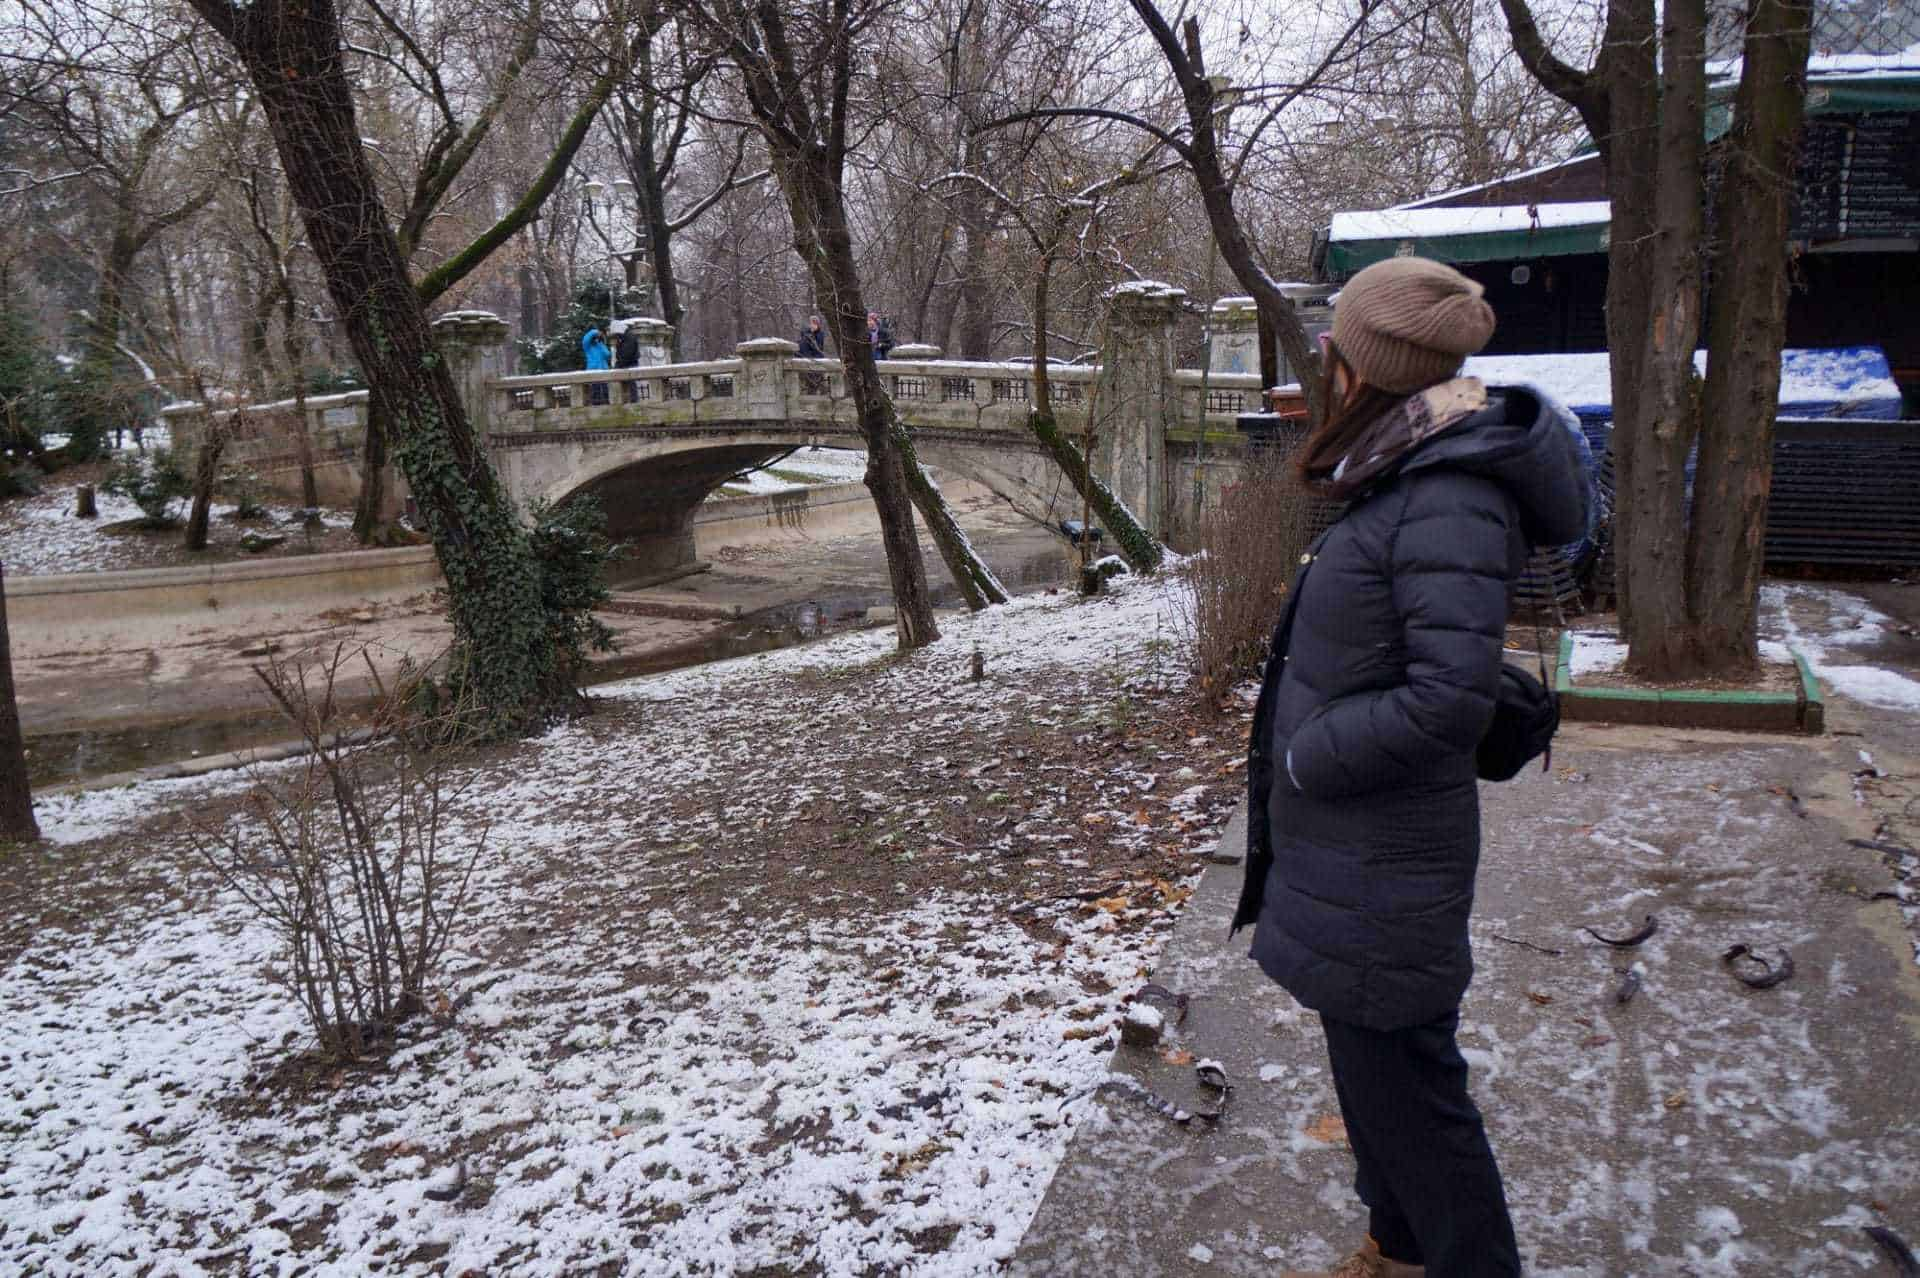 giardini_cismigiu_bucarest_ponte